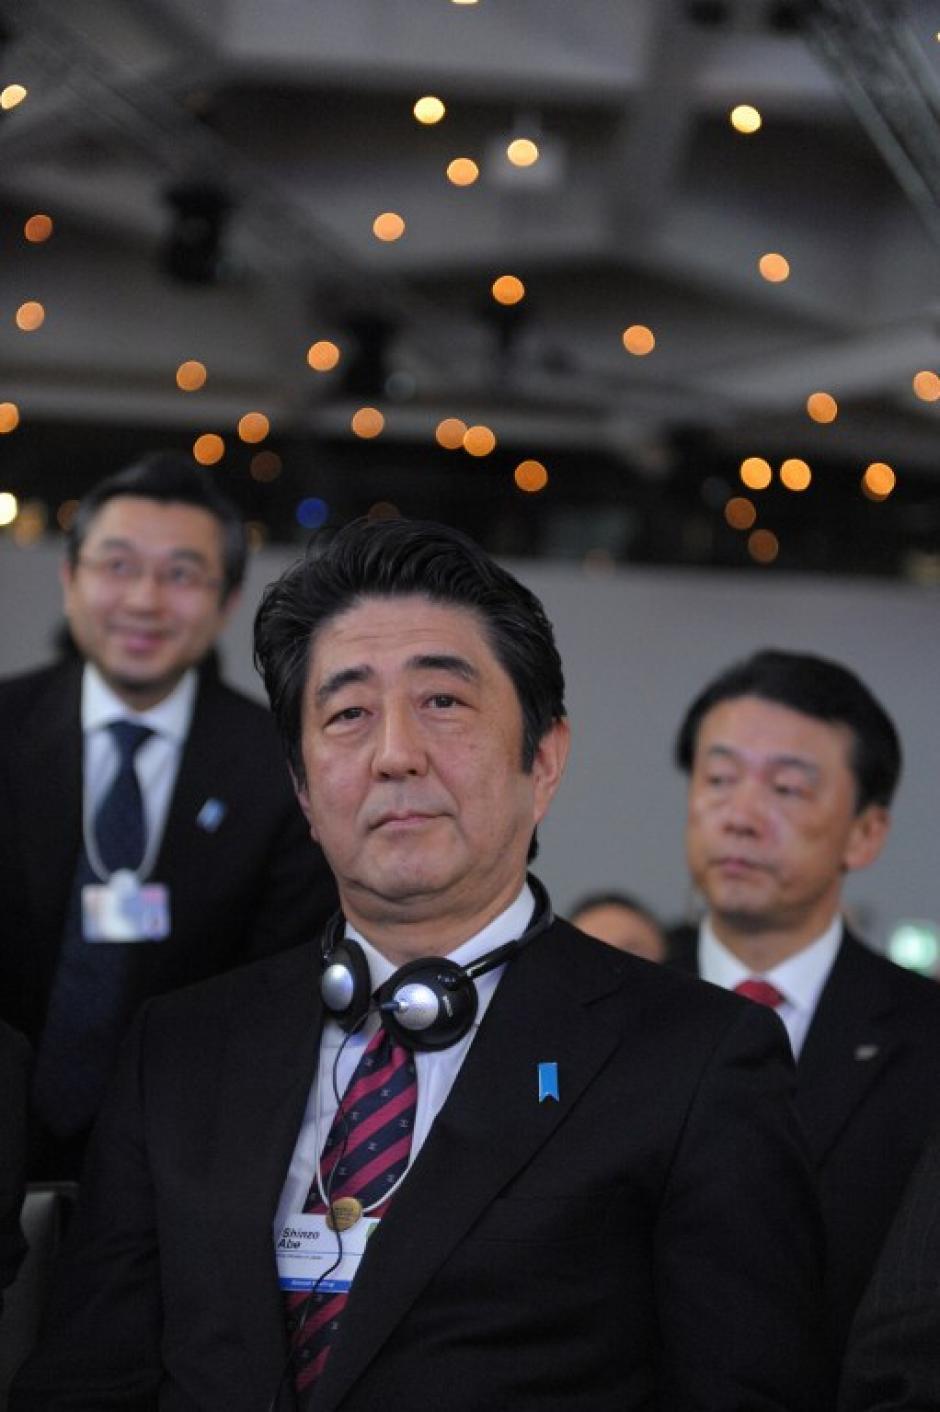 El primer ministro de Japón Shinzo Abe, también presentó su alocución este martes. Foto AFP